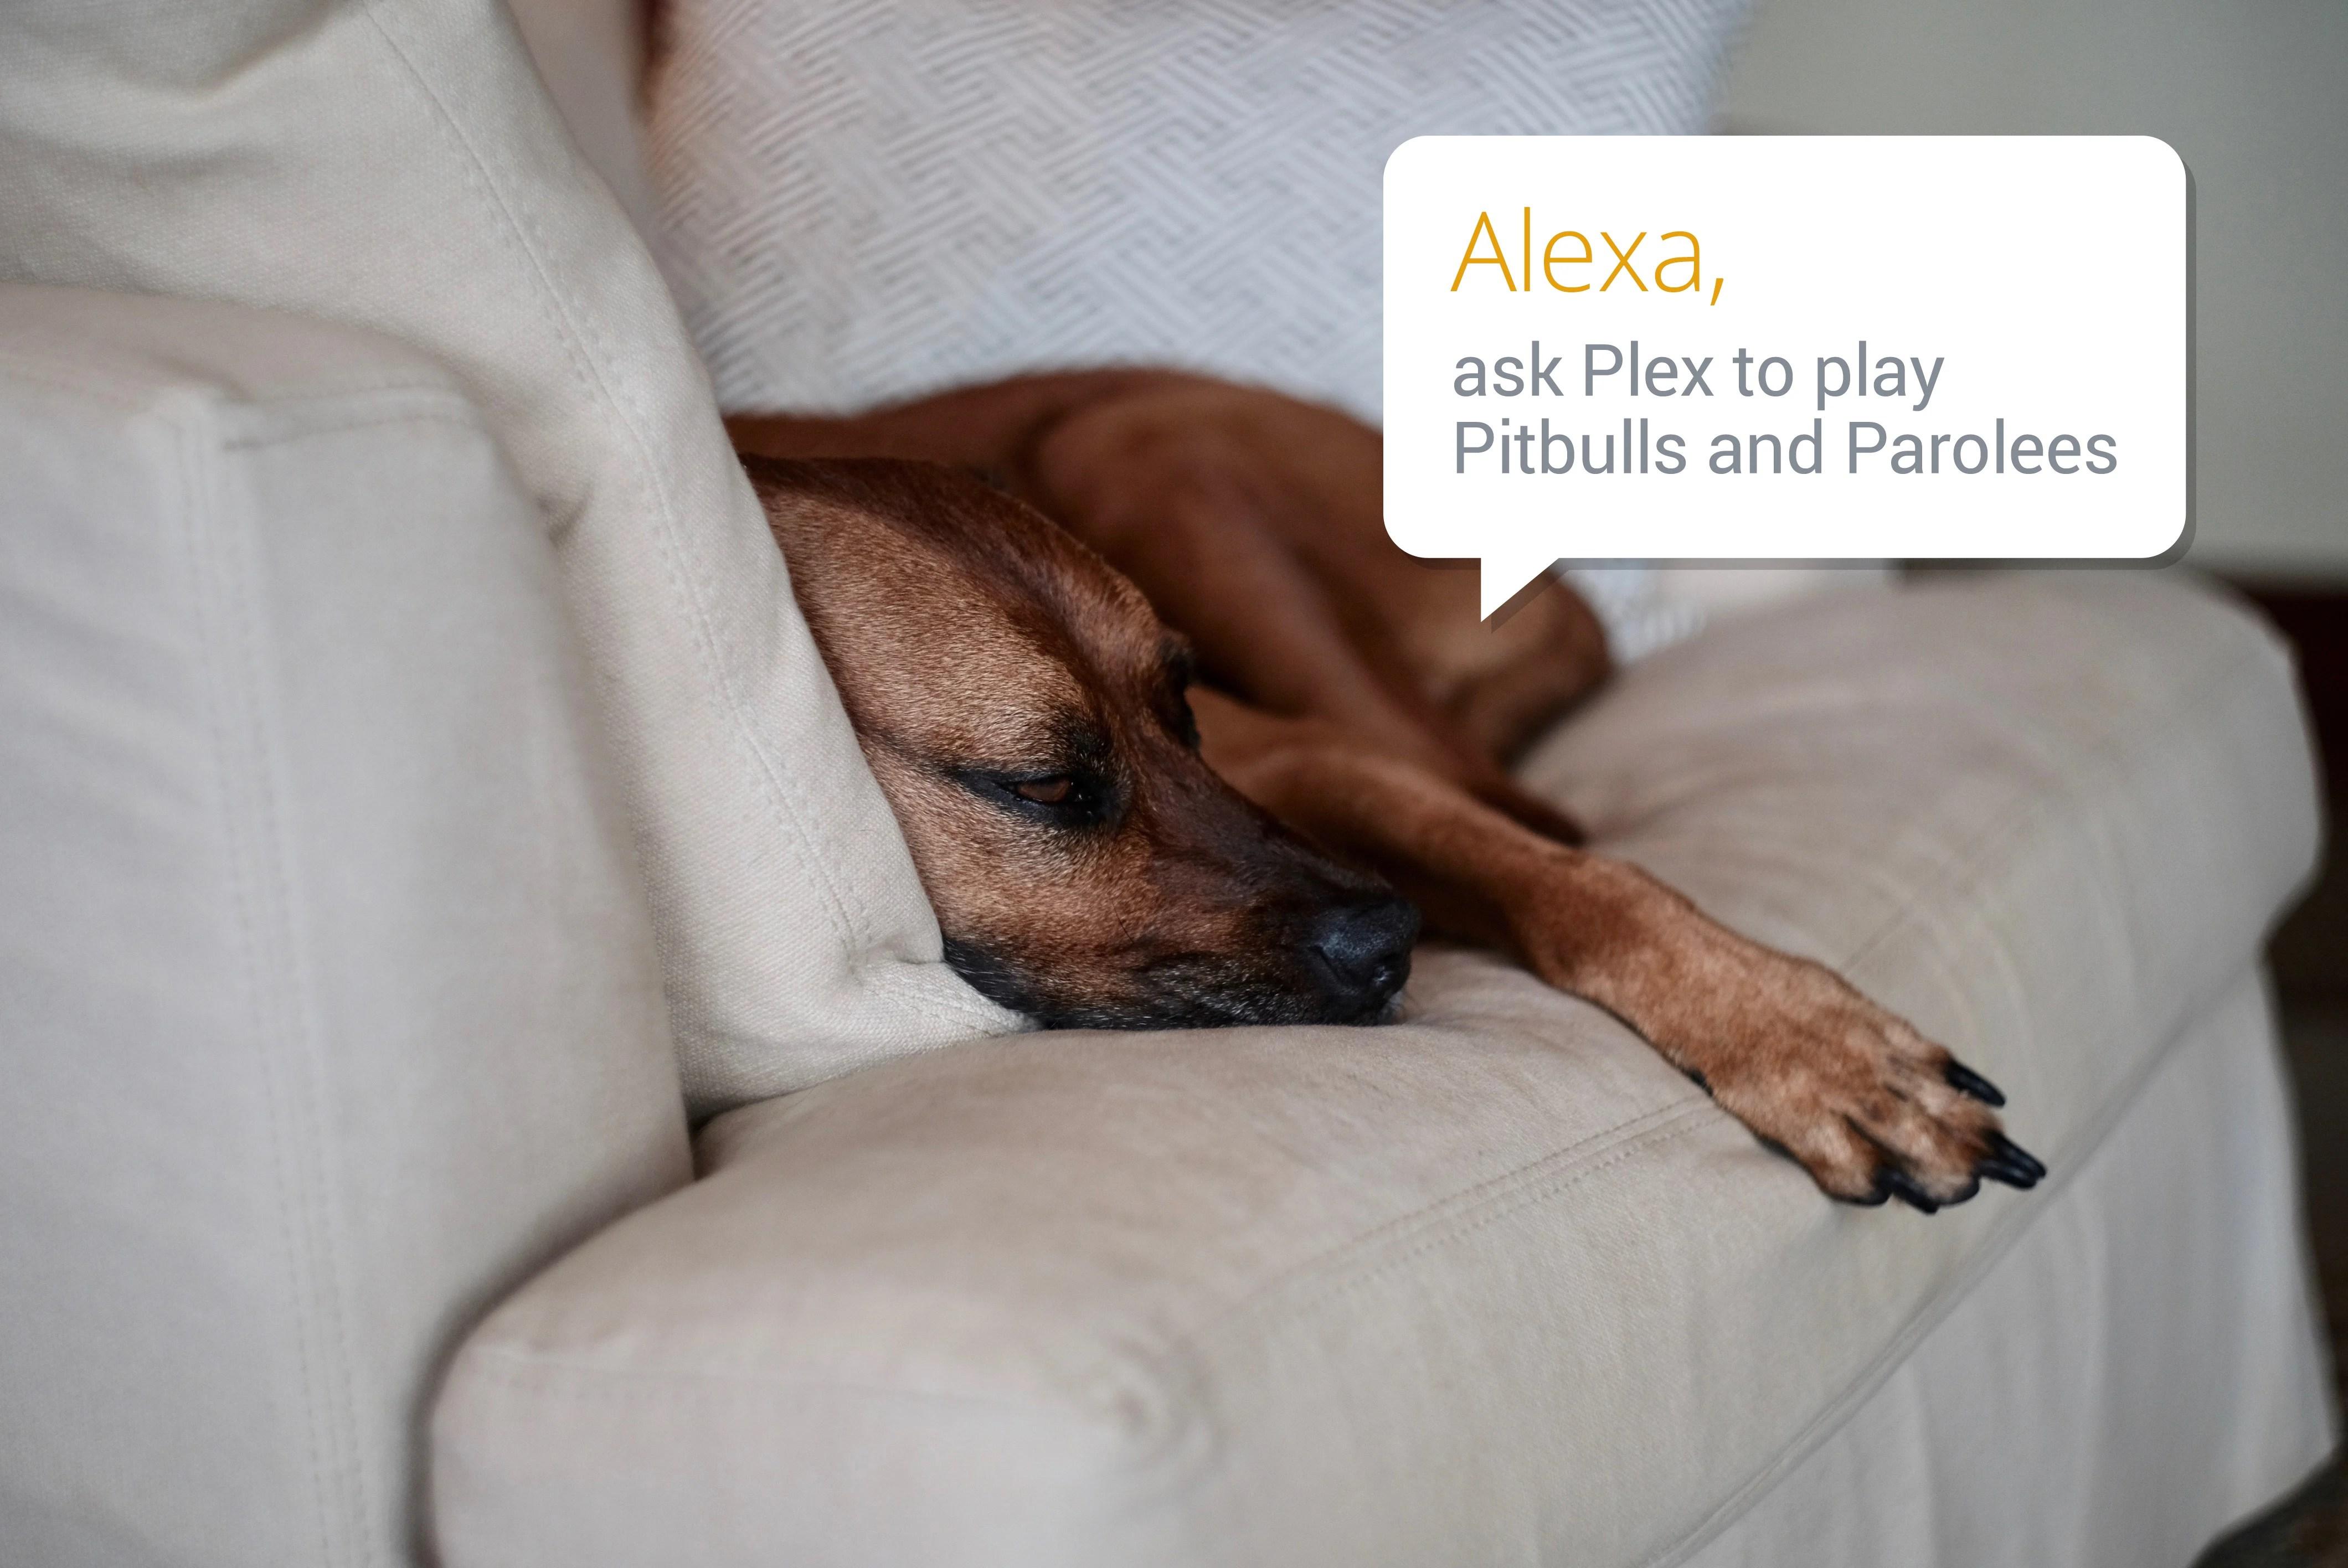 Plex pour Alexa, encore une bonne idée